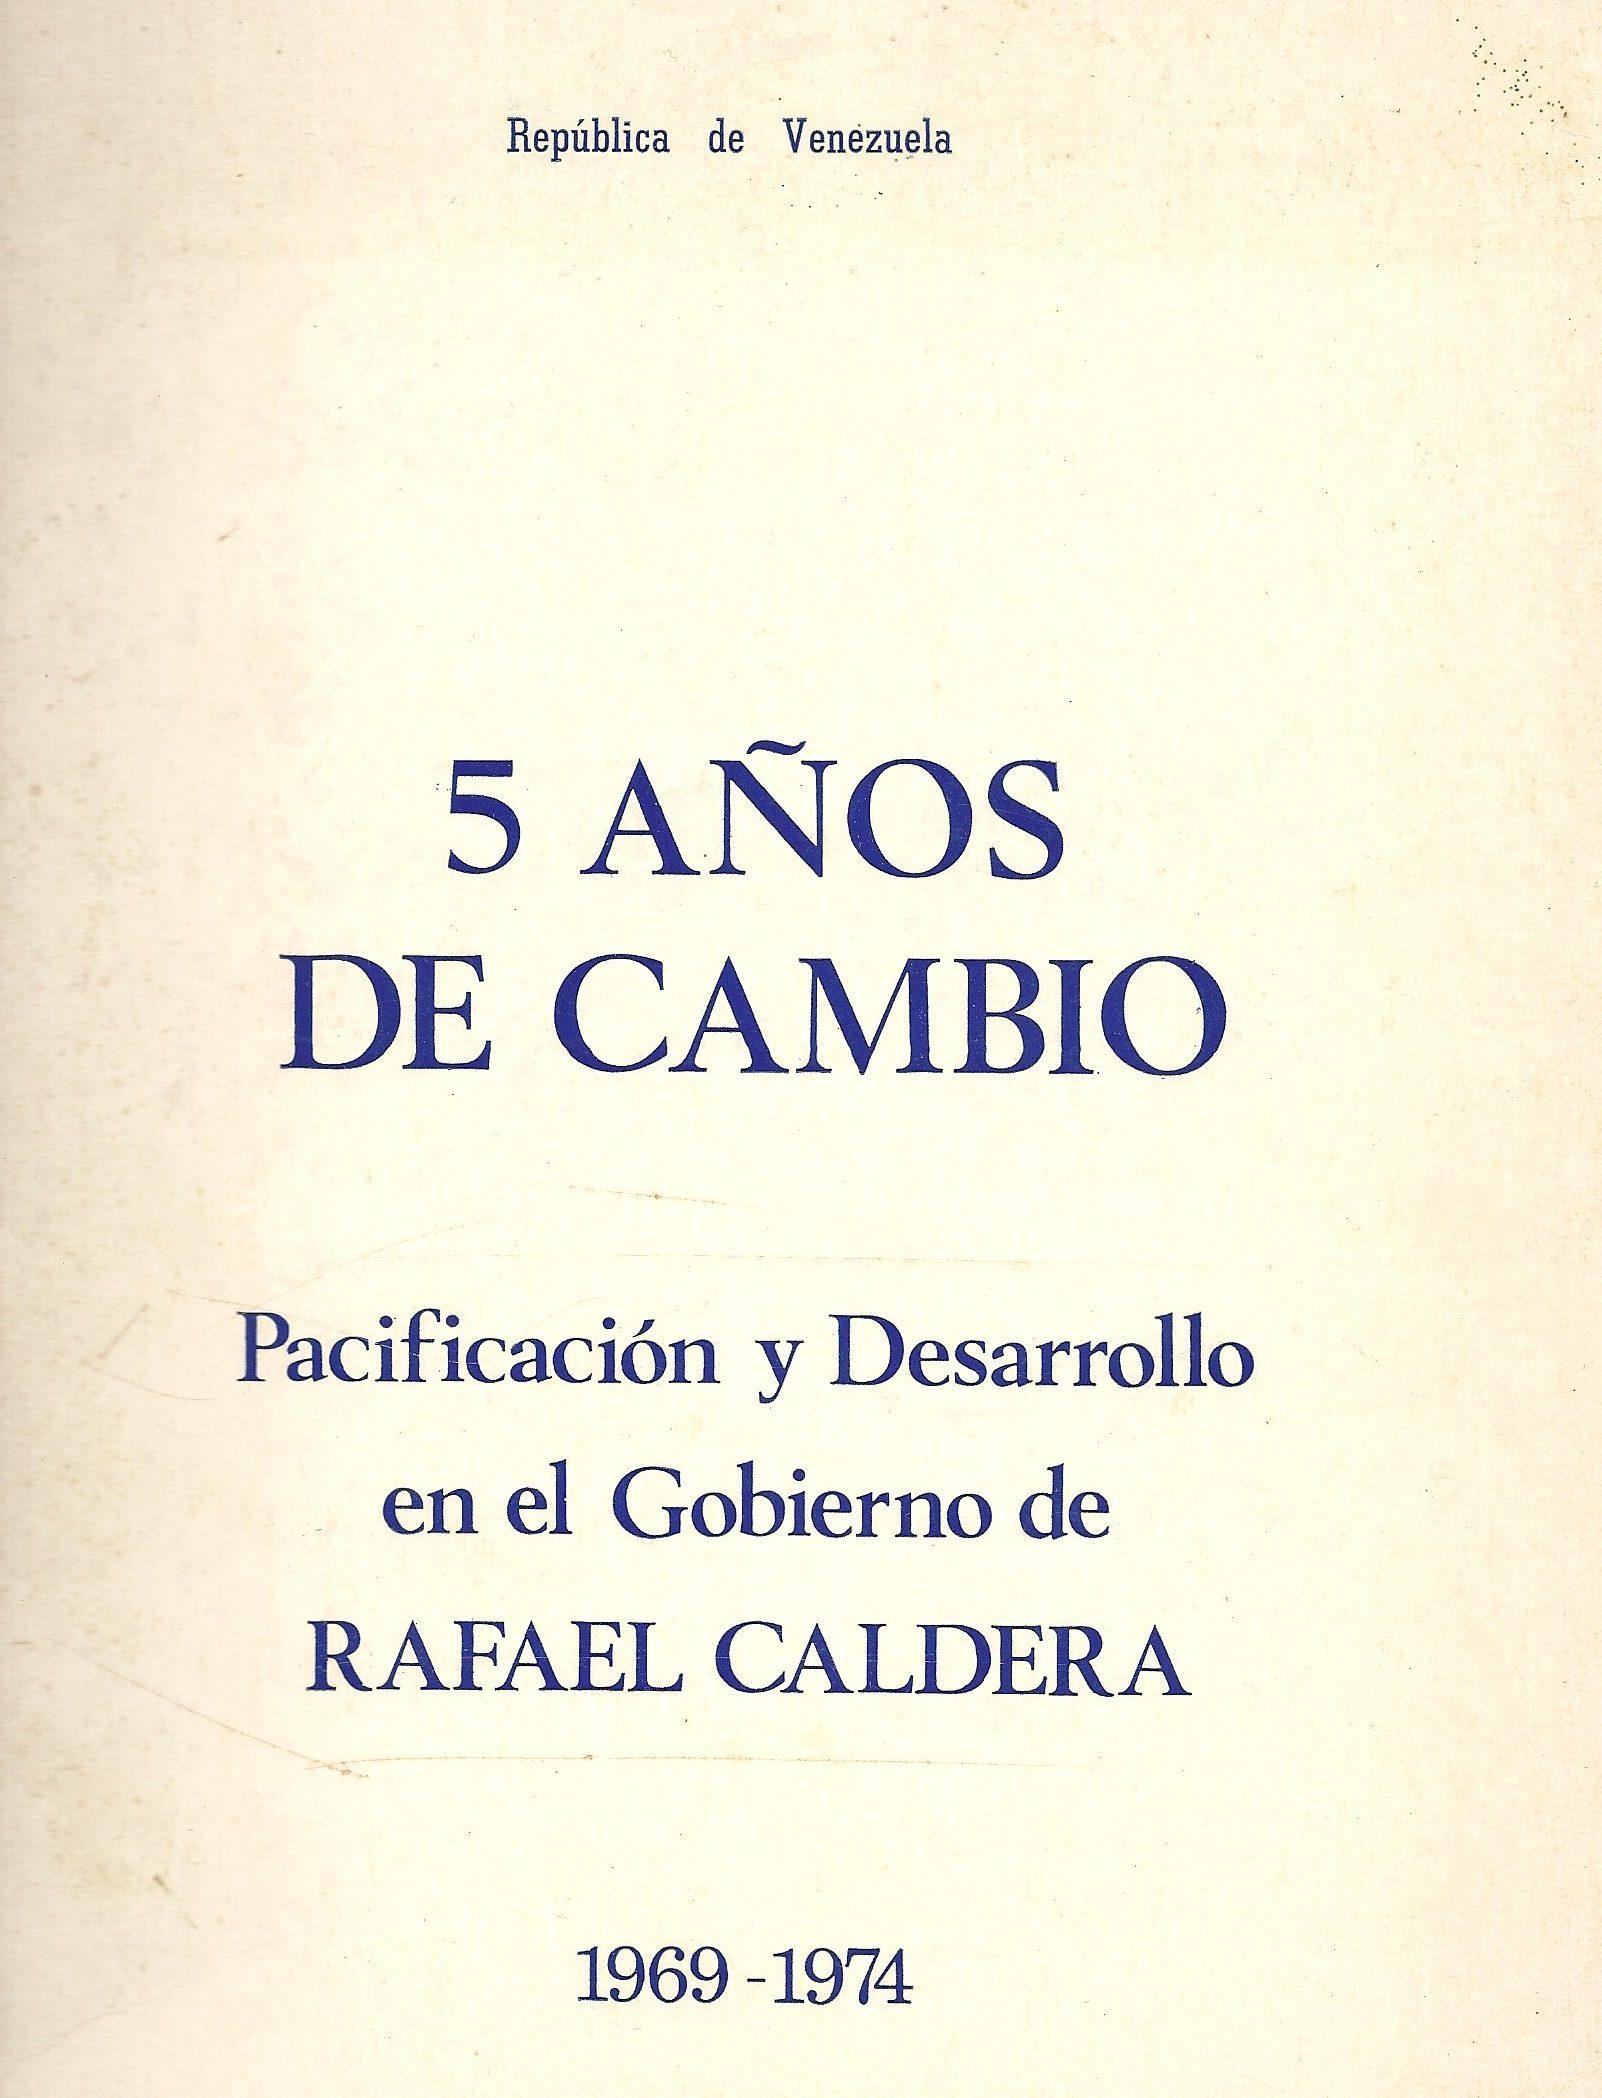 5 años de cambio (1974)